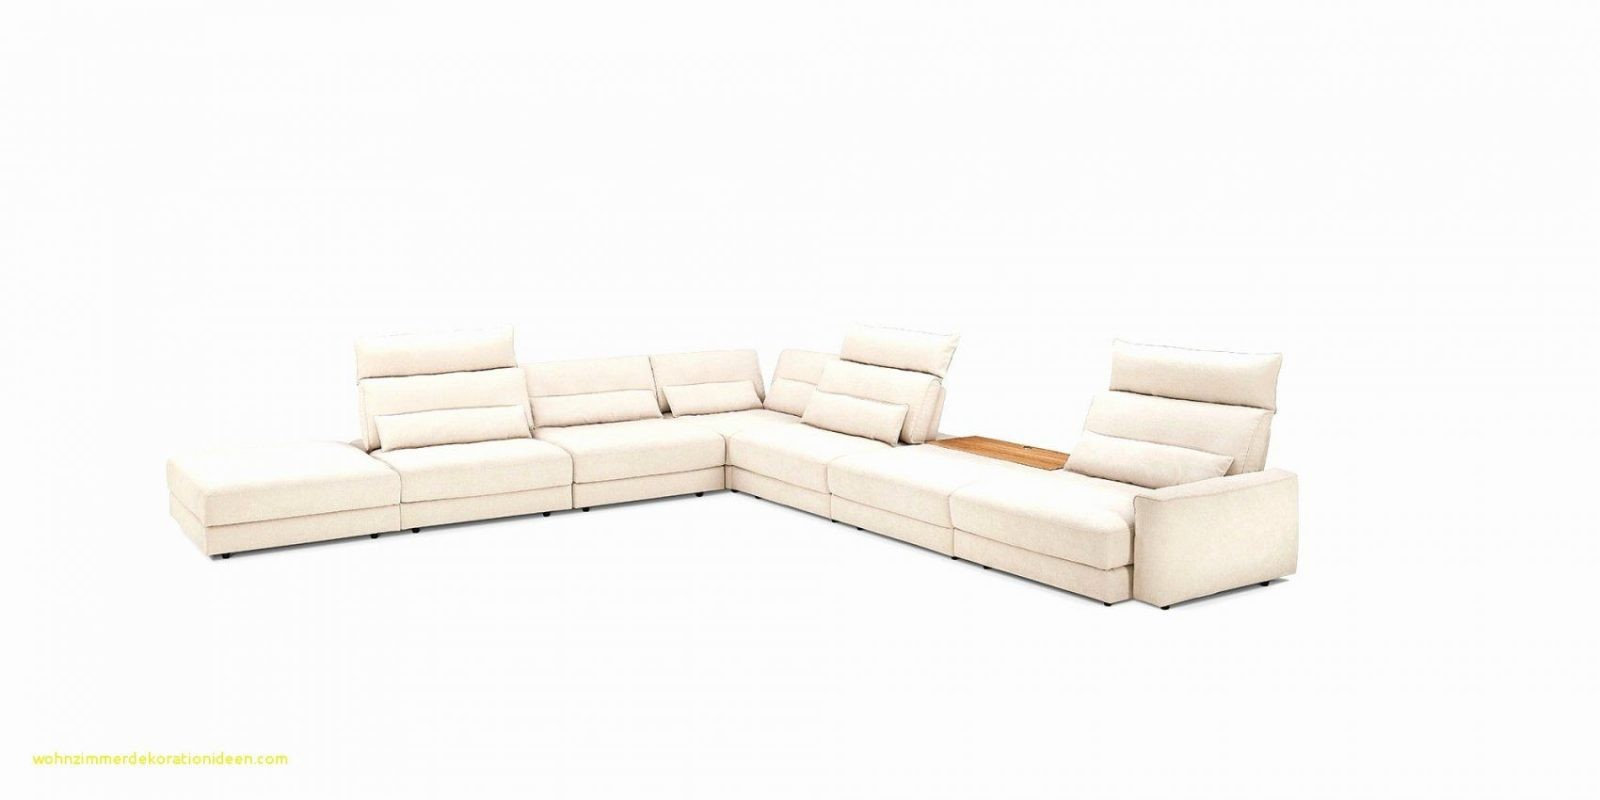 3 Sitzer Sofa Poco Frische Ideen Für Möbel Die Möbel  Nt07 von 3 Sitzer Sofa Poco Photo